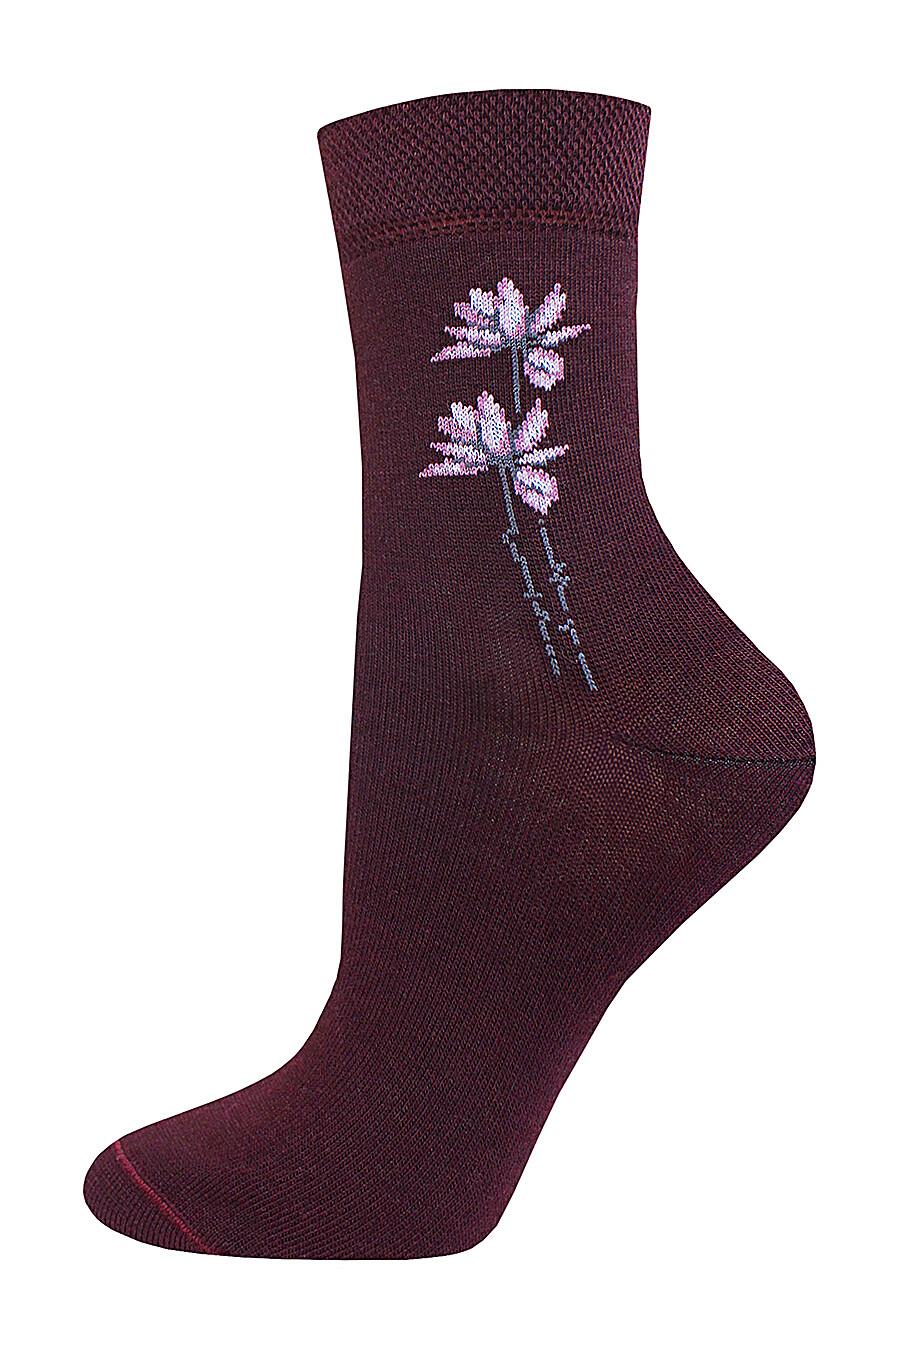 Носки для женщин БРЕСТСКИЕ 226883 купить оптом от производителя. Совместная покупка женской одежды в OptMoyo